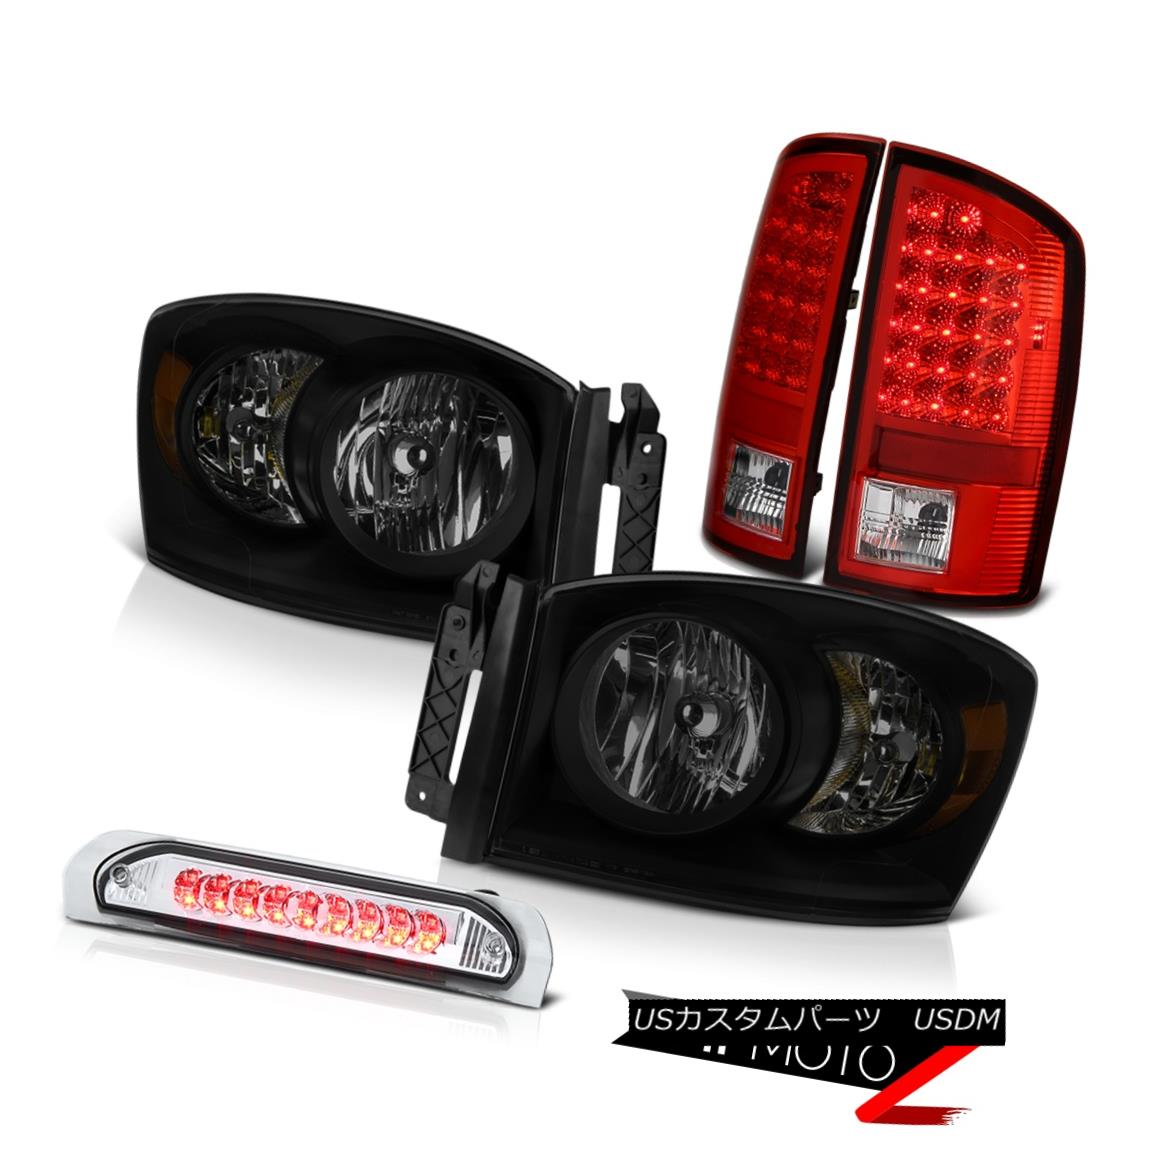 テールライト 2007-2009 Dodge Ram 3500 4.7L Smoke Tinted Headlights 3RD Brake Light Taillights 2007-2009 Dodge Ram 3500 4.7L煙がかかったヘッドライト3RDブレーキライトテールライト